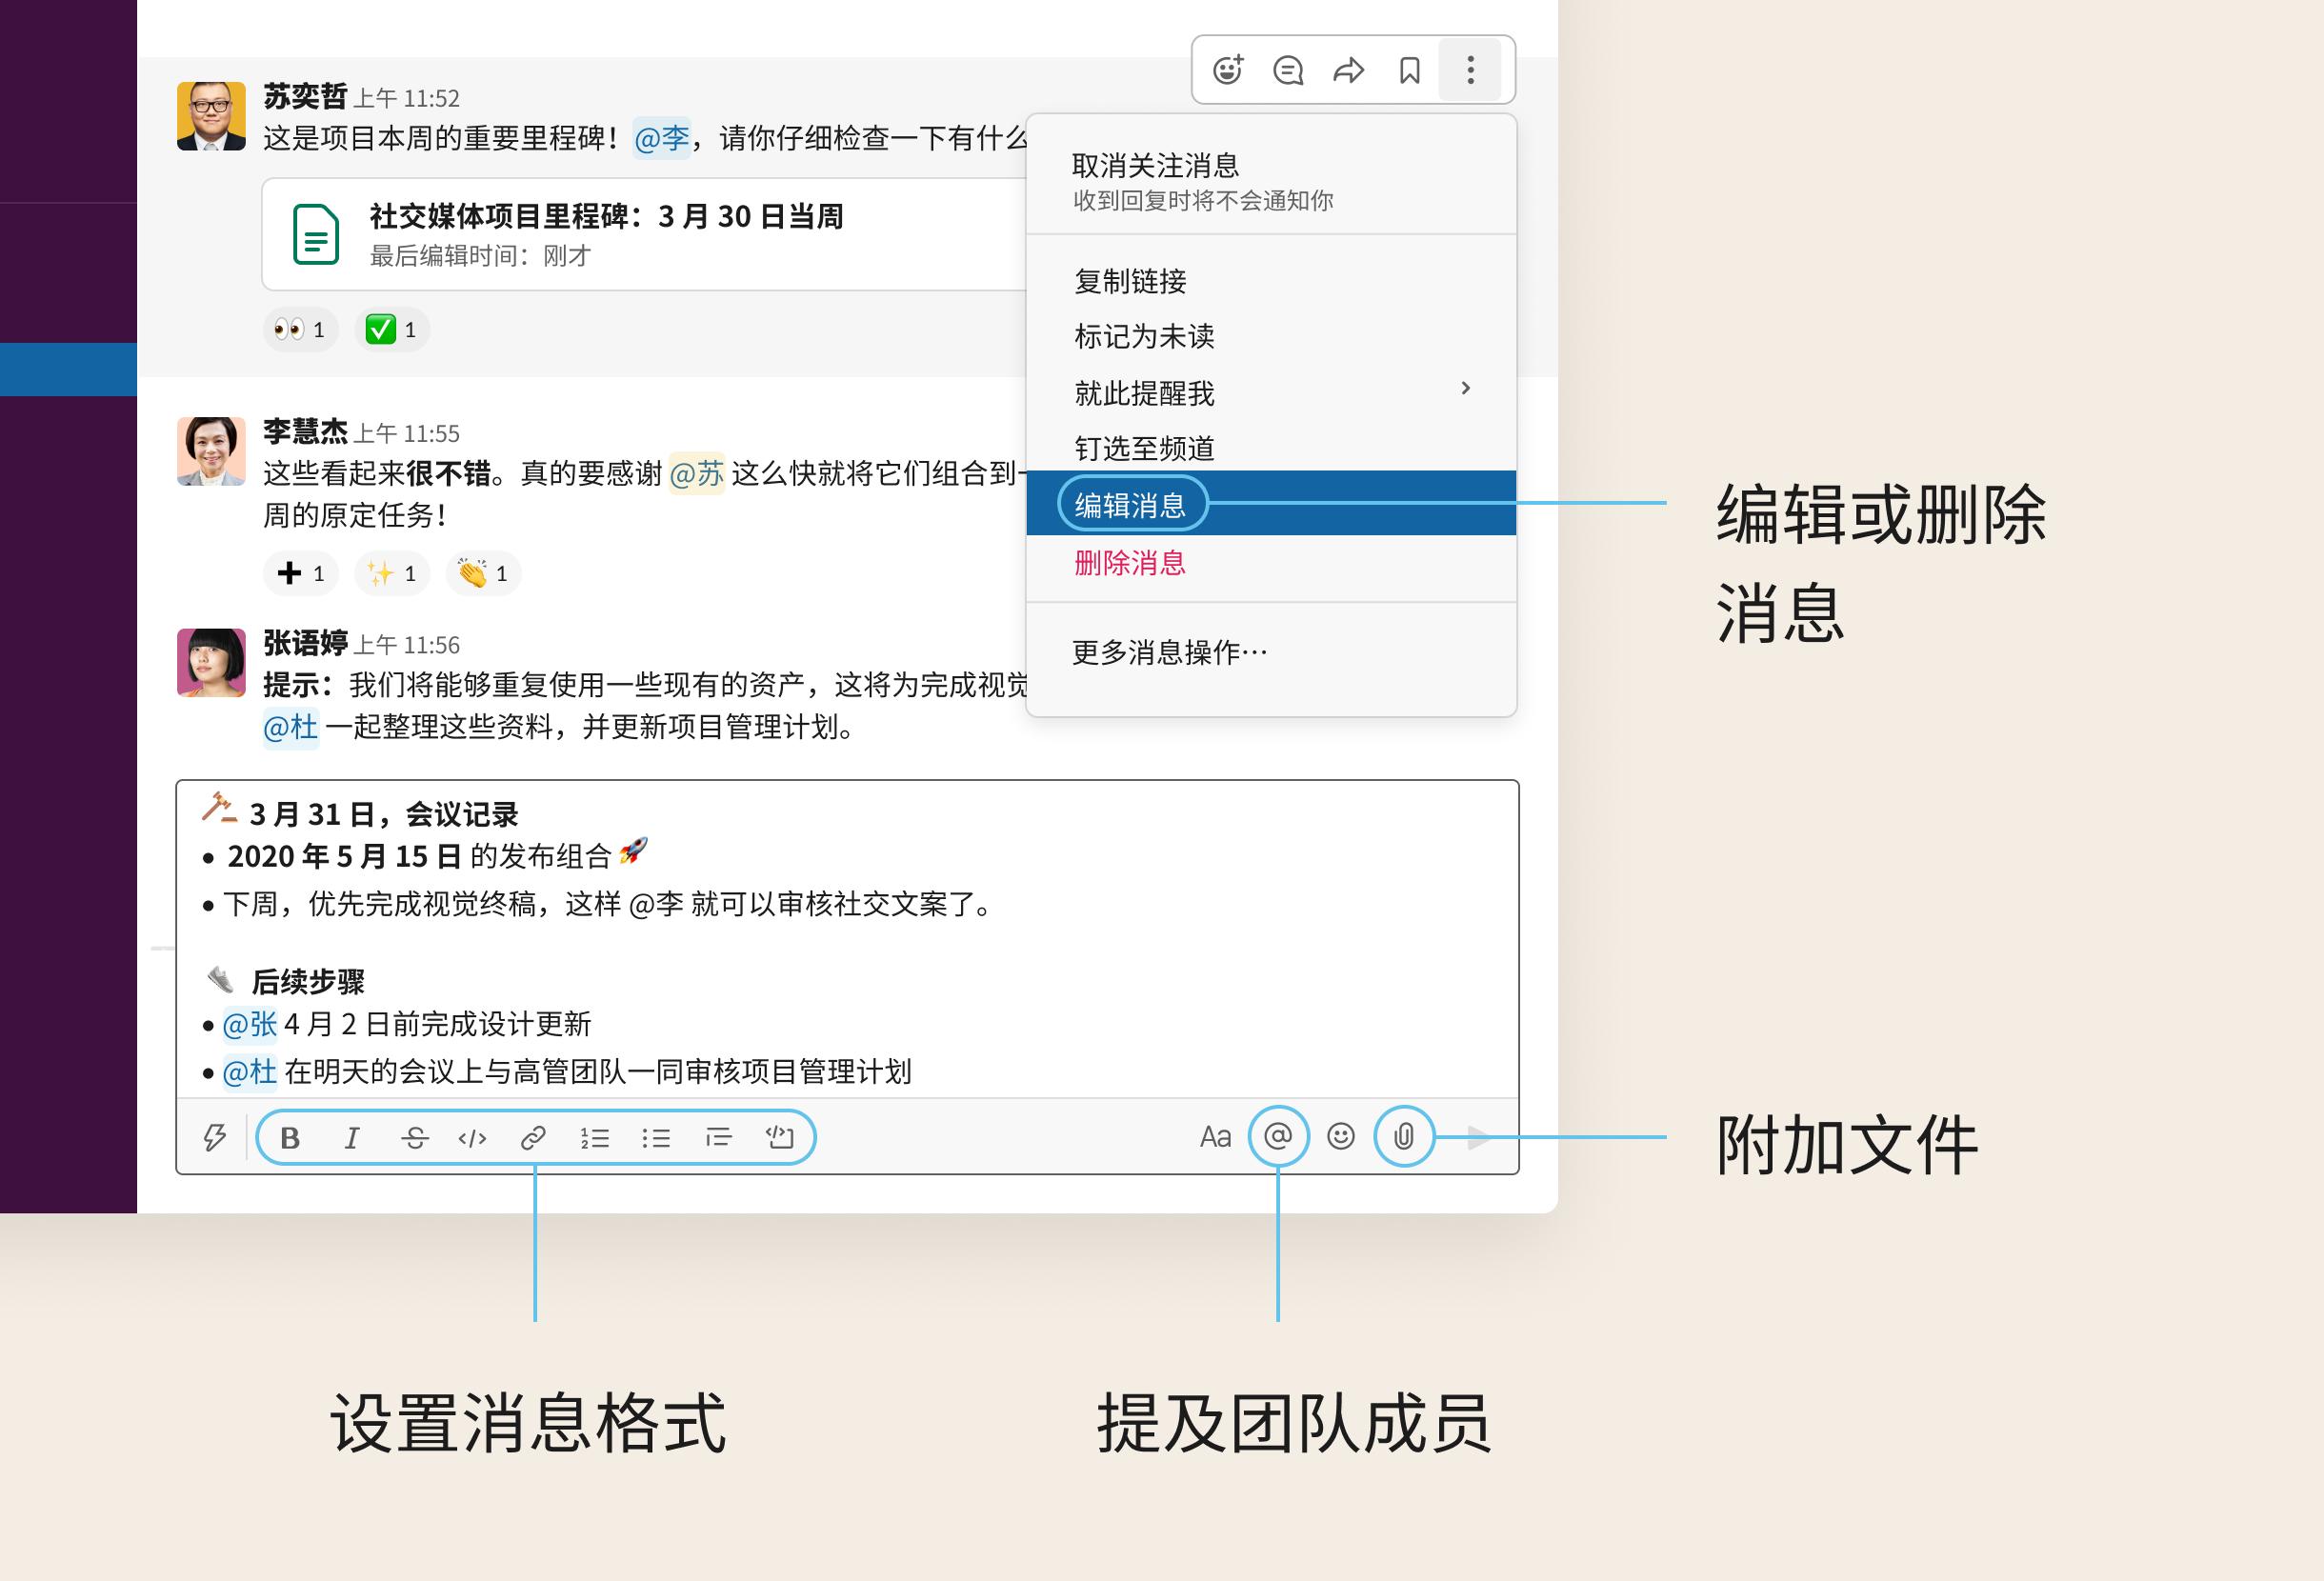 在 Slack 消息输入框中编写消息的样例